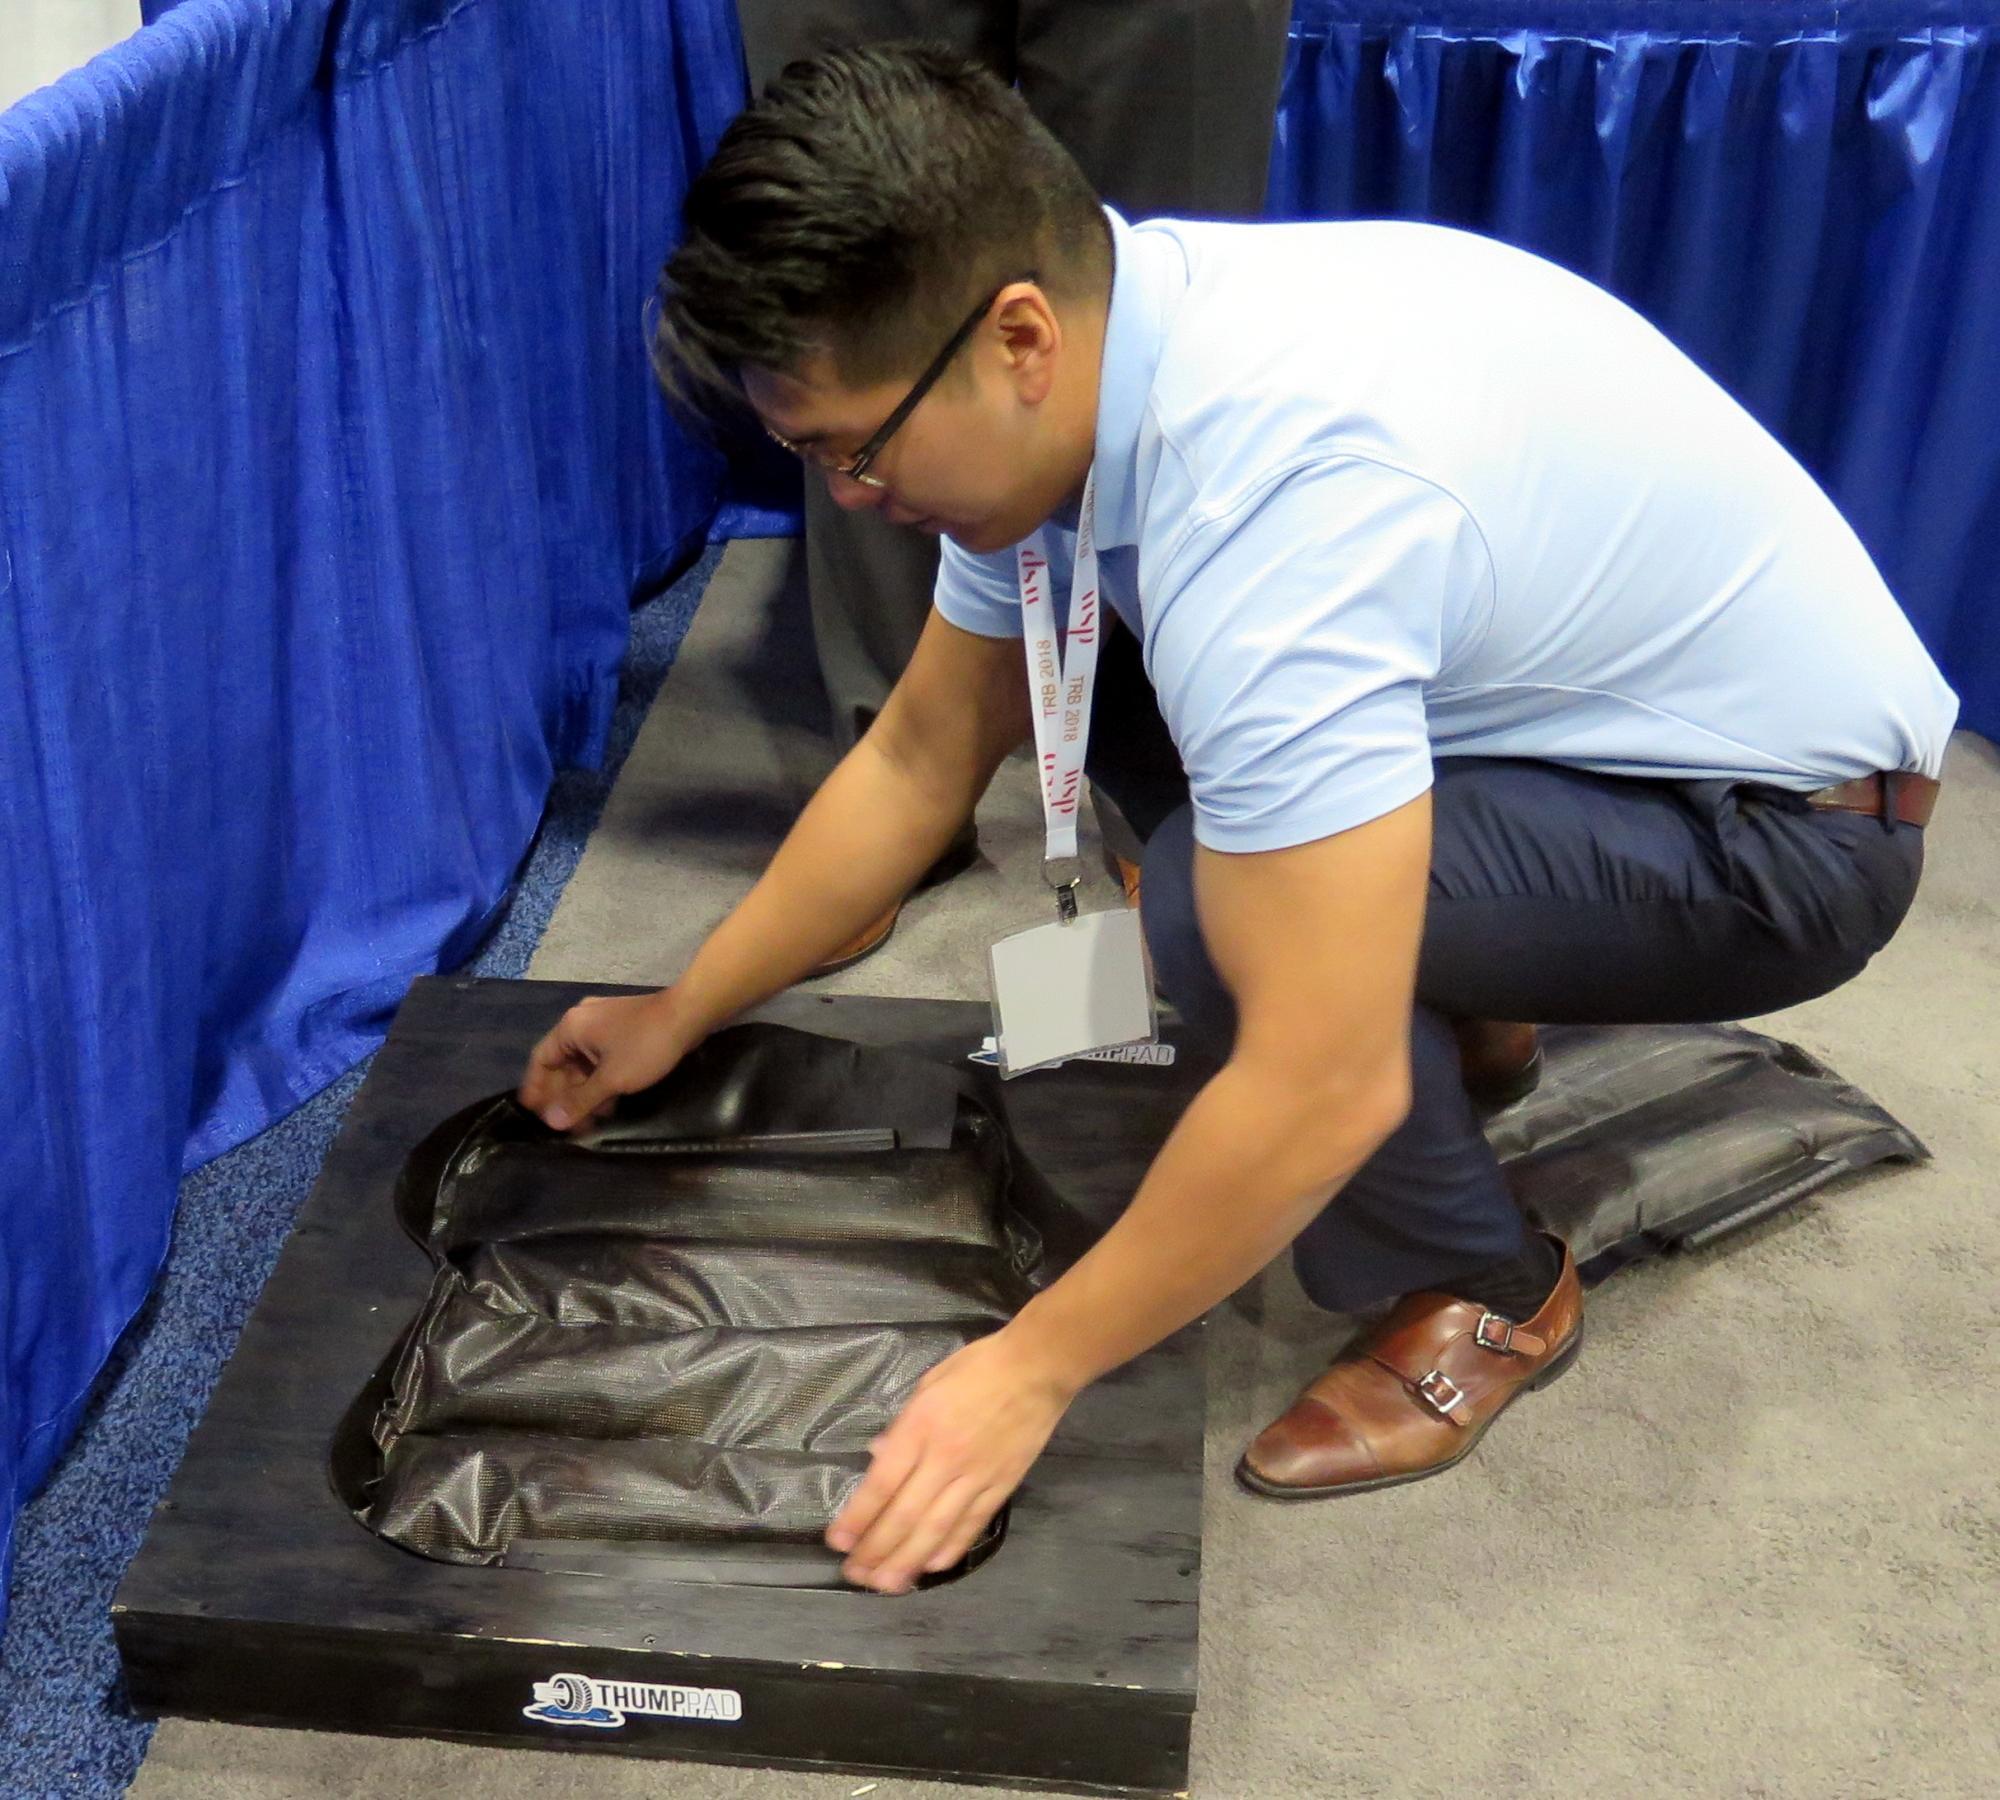 Mann verlegt ein ThumbPad in eine Mulde